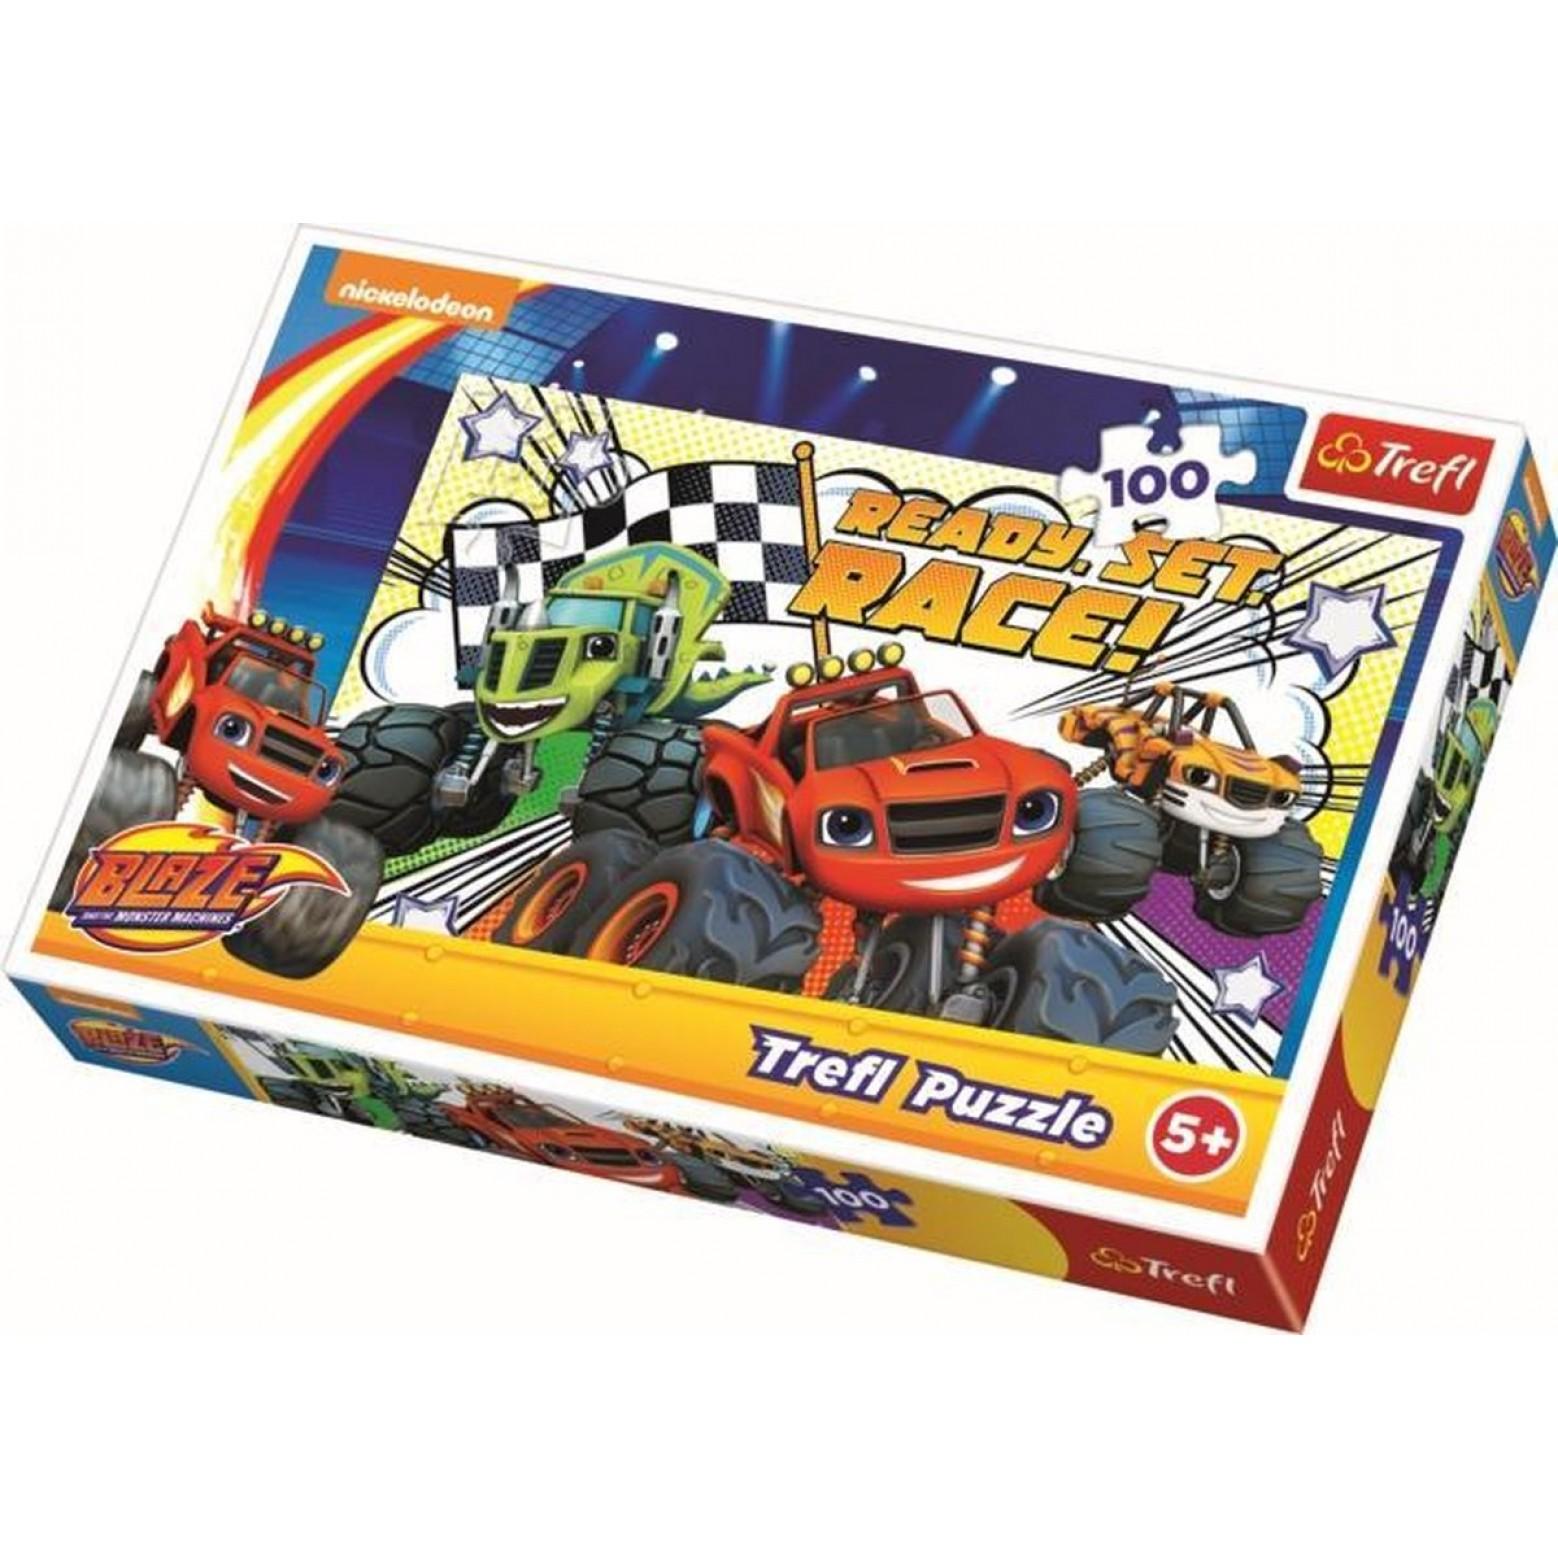 Blaze puzzel 100 stukjes 5+